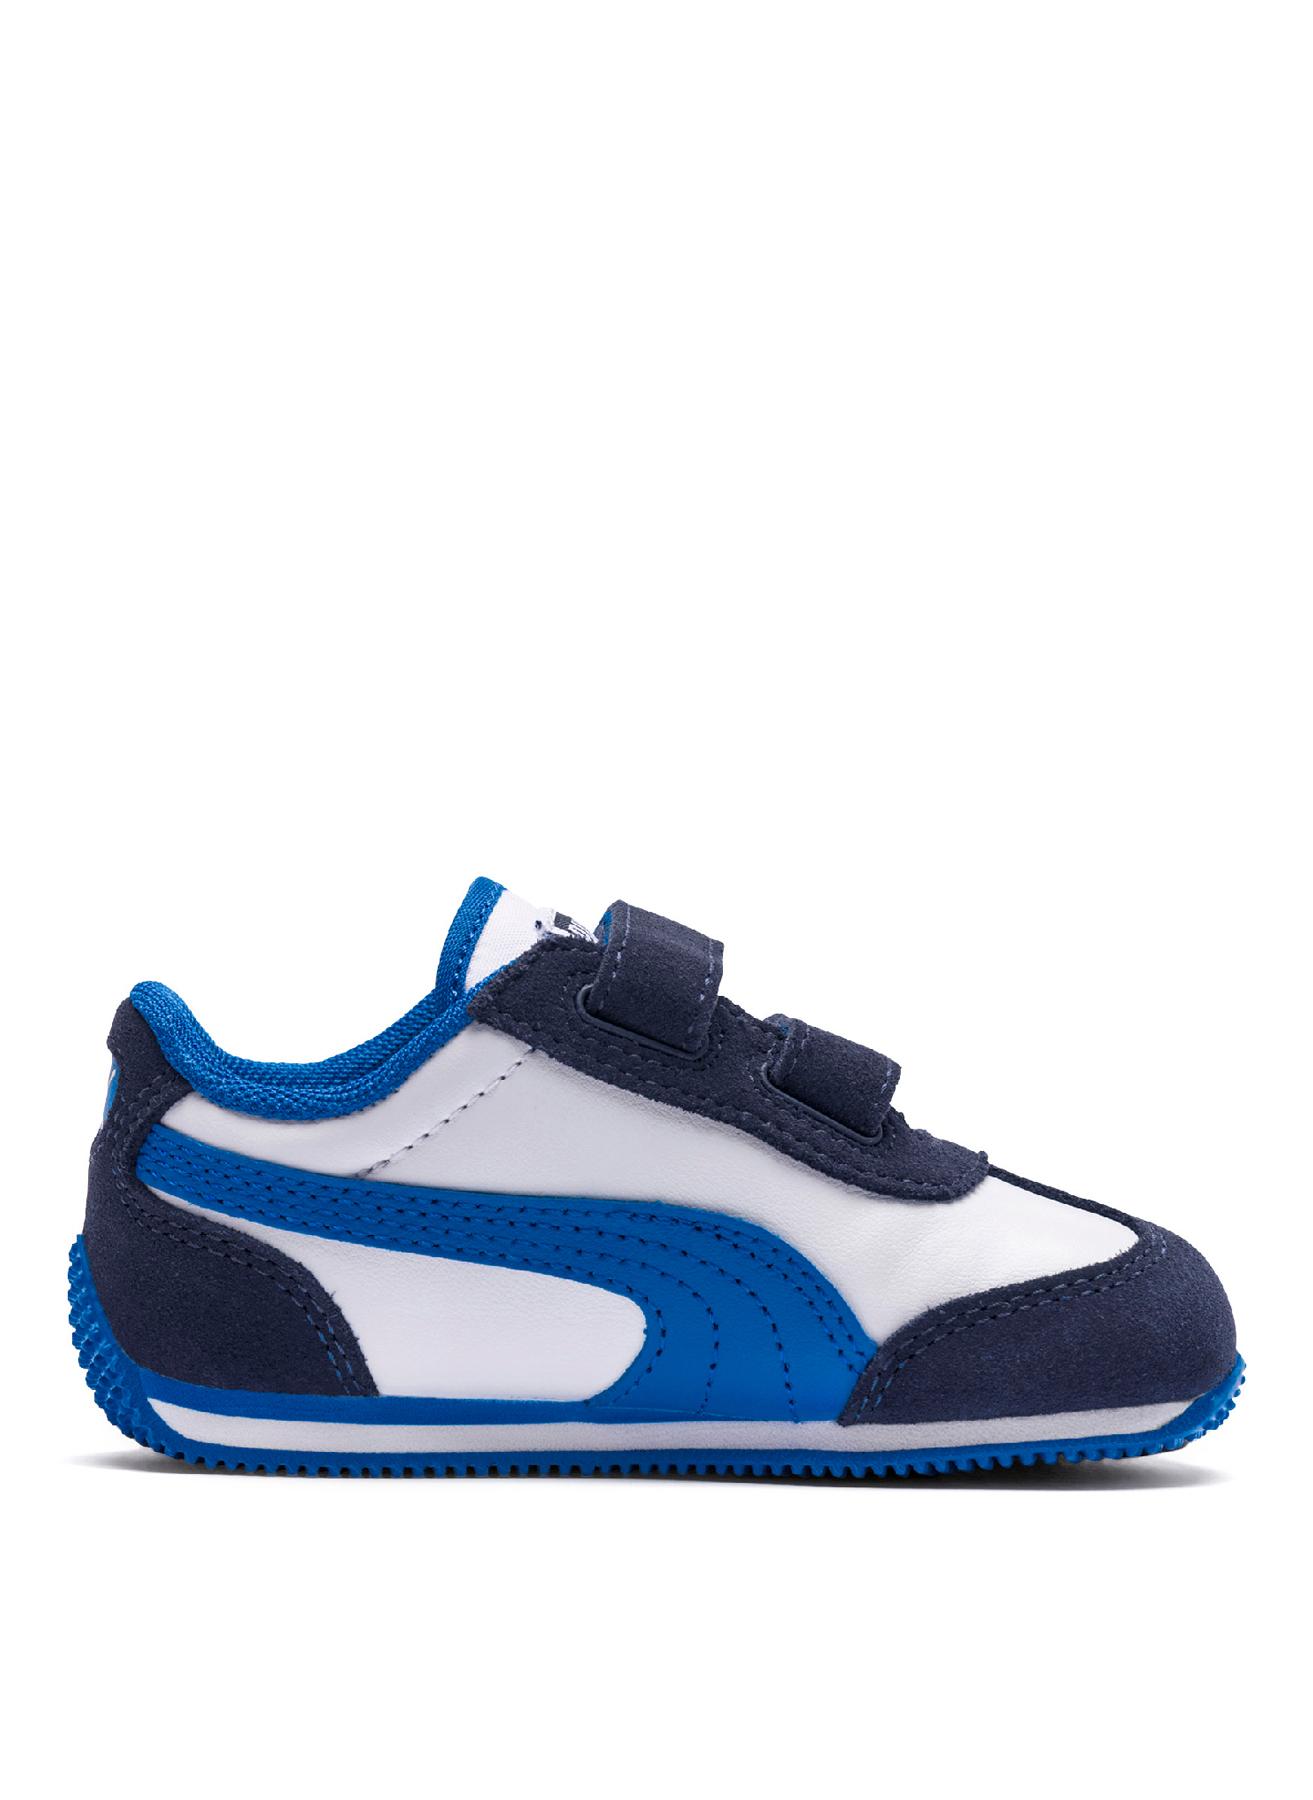 Puma Yürüyüş Ayakkabısı 27 5001697533008 Ürün Resmi